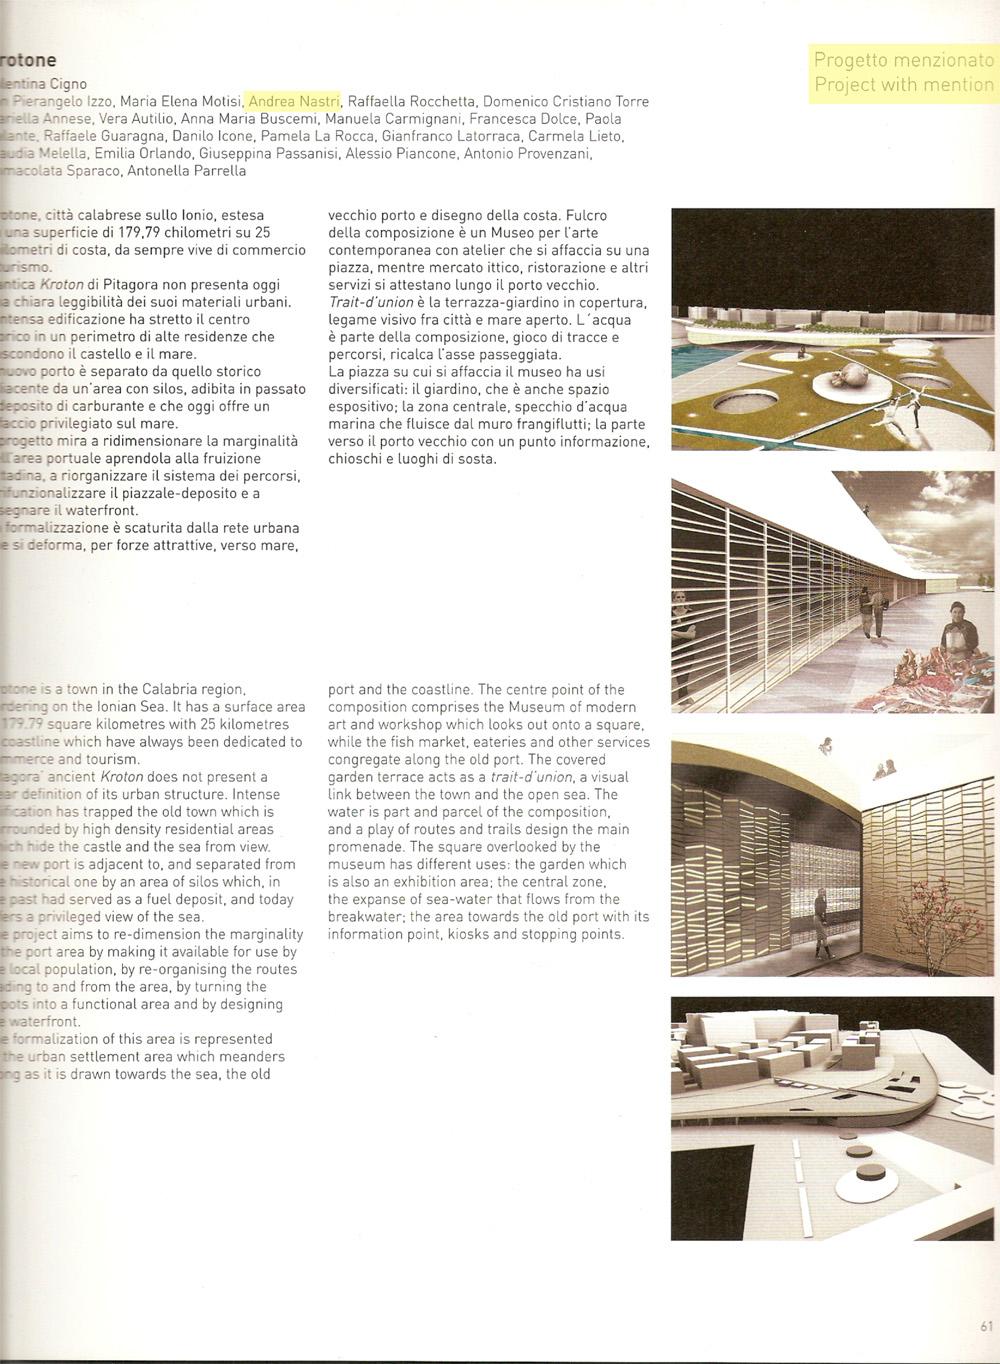 Mobili ingresso promozioni ikea catania - Ikea catania catalogo ...